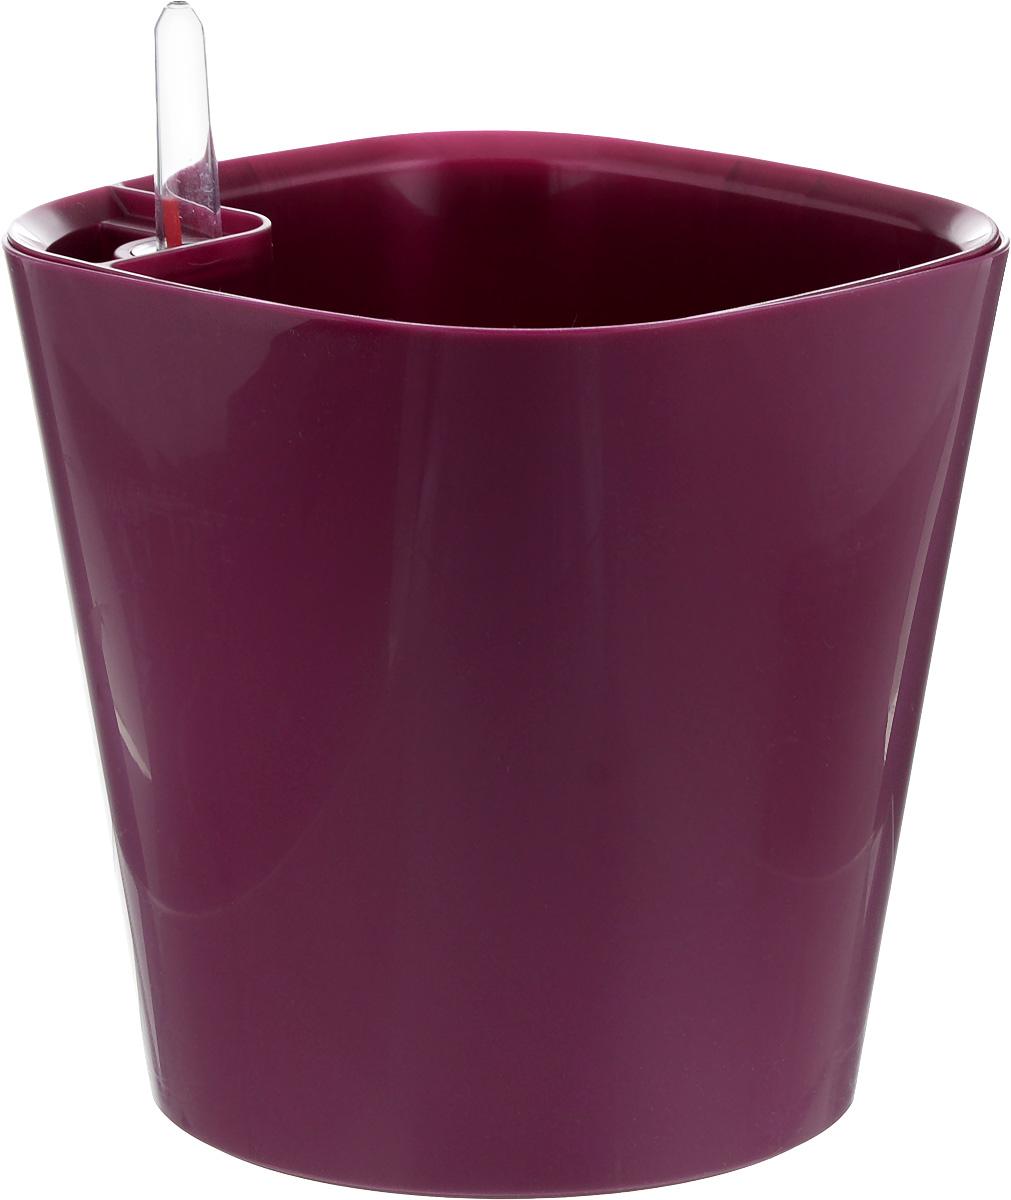 Горшок для цветов Техоснастка Комфорт, с автополивом, цвет: пурпурный, 3 лПИ-21-2ТХГоршок с автополивом Техоснастка Комфорт - настоящая находка для людей, которые любят живые растения, но в силу нехватки времени не могут обеспечить им своевременный полив. Изделие выполнено из высококачественного полипропилена.Система автополива работает по принципу капиллярного поднятия жидкости к корням растения. Устроен такой горшок следующим образом: в основной горшок устанавливается съёмный горшок, в котором находятся водовод и земельный субстрат, обеспечивающие доставку воды к корням, сбоку - поливочные отверстия и индикатор уровня воды. В первые недели после посадки растения в горшок вода поливается обычным способом, чтобы земля и корни напитались влагой. Она наливается во внешнюю часть горшка в поливочные отверстия и по фитилю поднимается вверх, увлажняя грунт, одного полива хватает примерно на 2-3 недели (это зависит от растения, времени года и климатических условий окружающей среды). Затем следят за индикацией уровня воды. Растение получает только то количество воды, которое ему необходимо в данный момент. Воду для полива отстаивать не нужно. Капиллярный автополив способствует насыщенному цвету листьев, обильному цветению и быстрому росту.Горшок состоит из нескольких комплектующих: индикатор уровня воды, фитиль-водовод, внутренний съемный горшок, внешний горшок. Размер горшка по верхнему краю: 16,5 х 16,5 см. Высота горшка (без учета индикатора воды): 17 см.